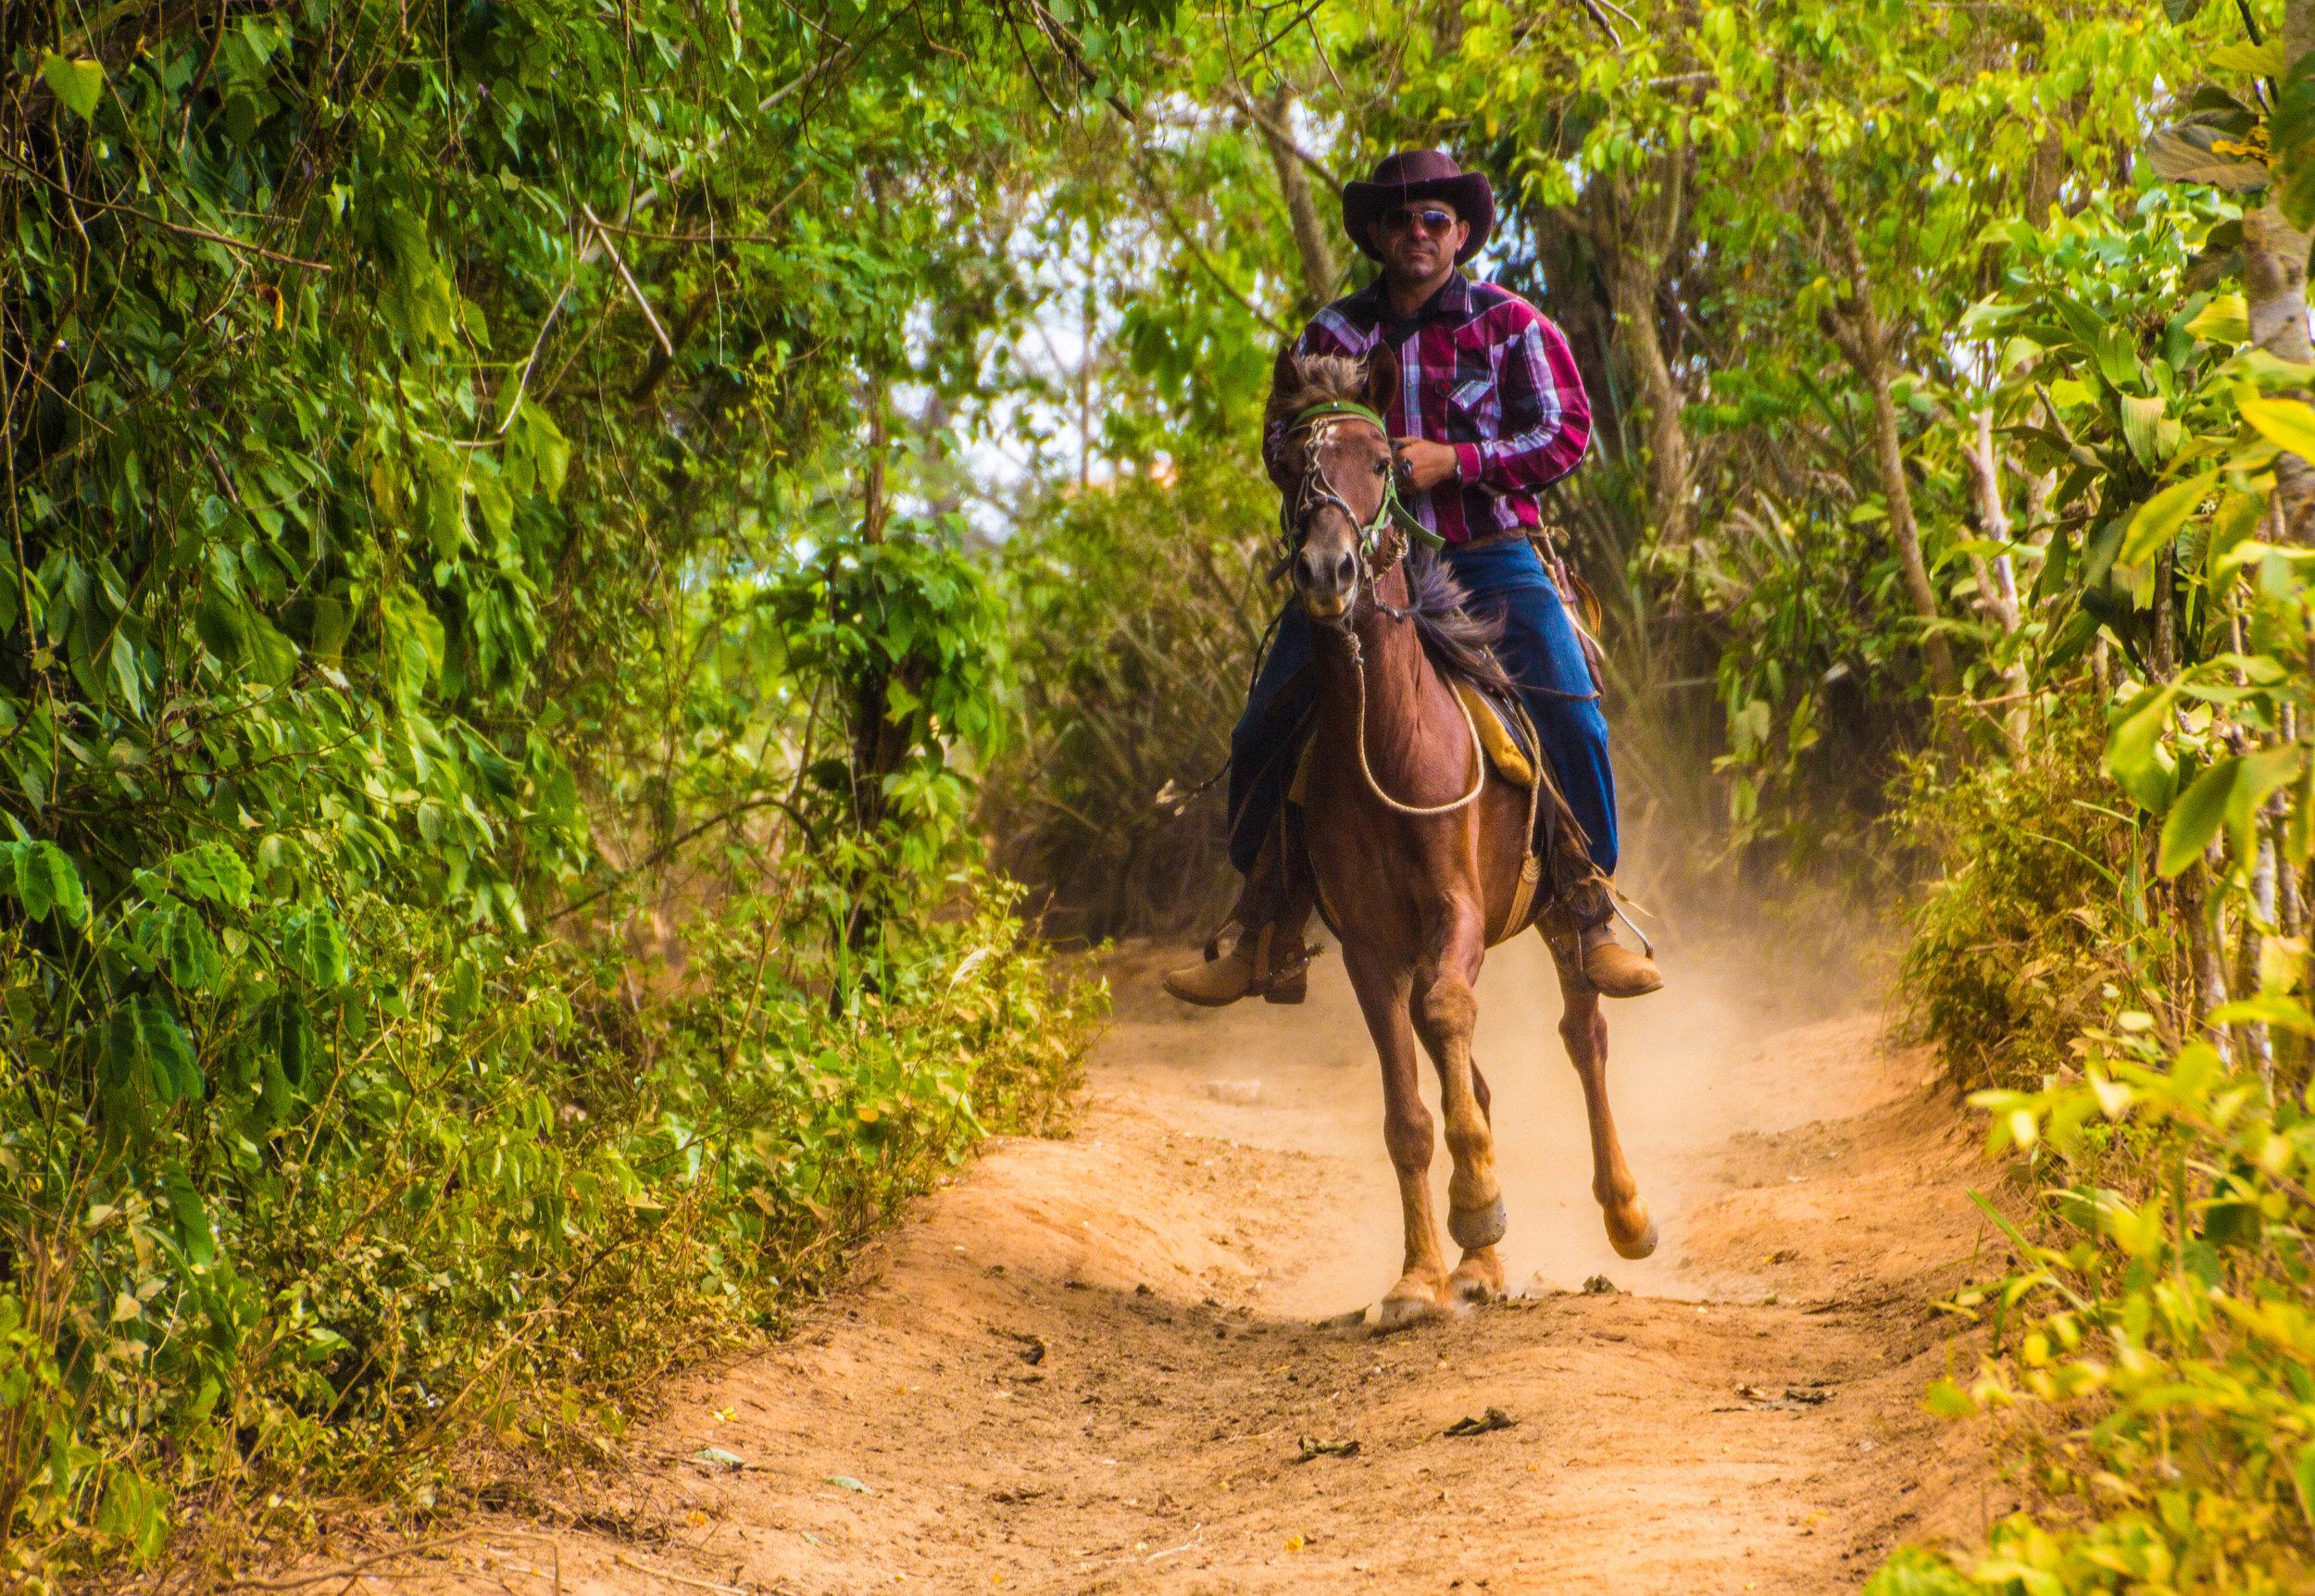 horses viñales pinar del rio cuba-1-2-2.jpg